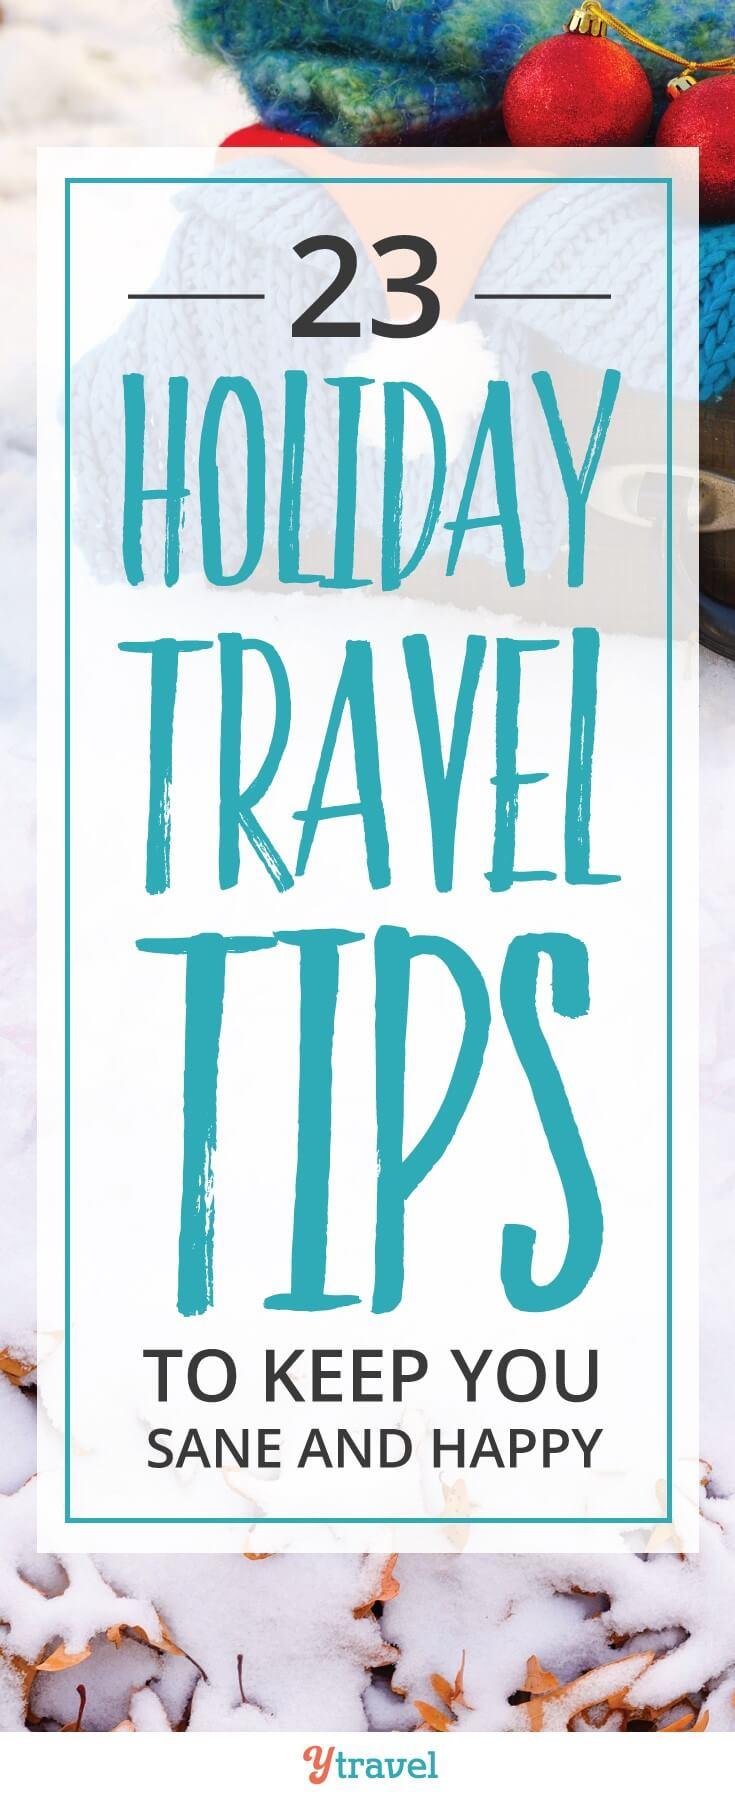 Vous pensez voyager pendant les fêtes et Noël? Utilisez ces 23 conseils de voyage pour vous sentir sain et heureux. Les voyages de vacances peuvent être une catastrophe chaotique. Bonne chance et profitez et partagez avec un ami! #christmas #holidaytravel #traveltips